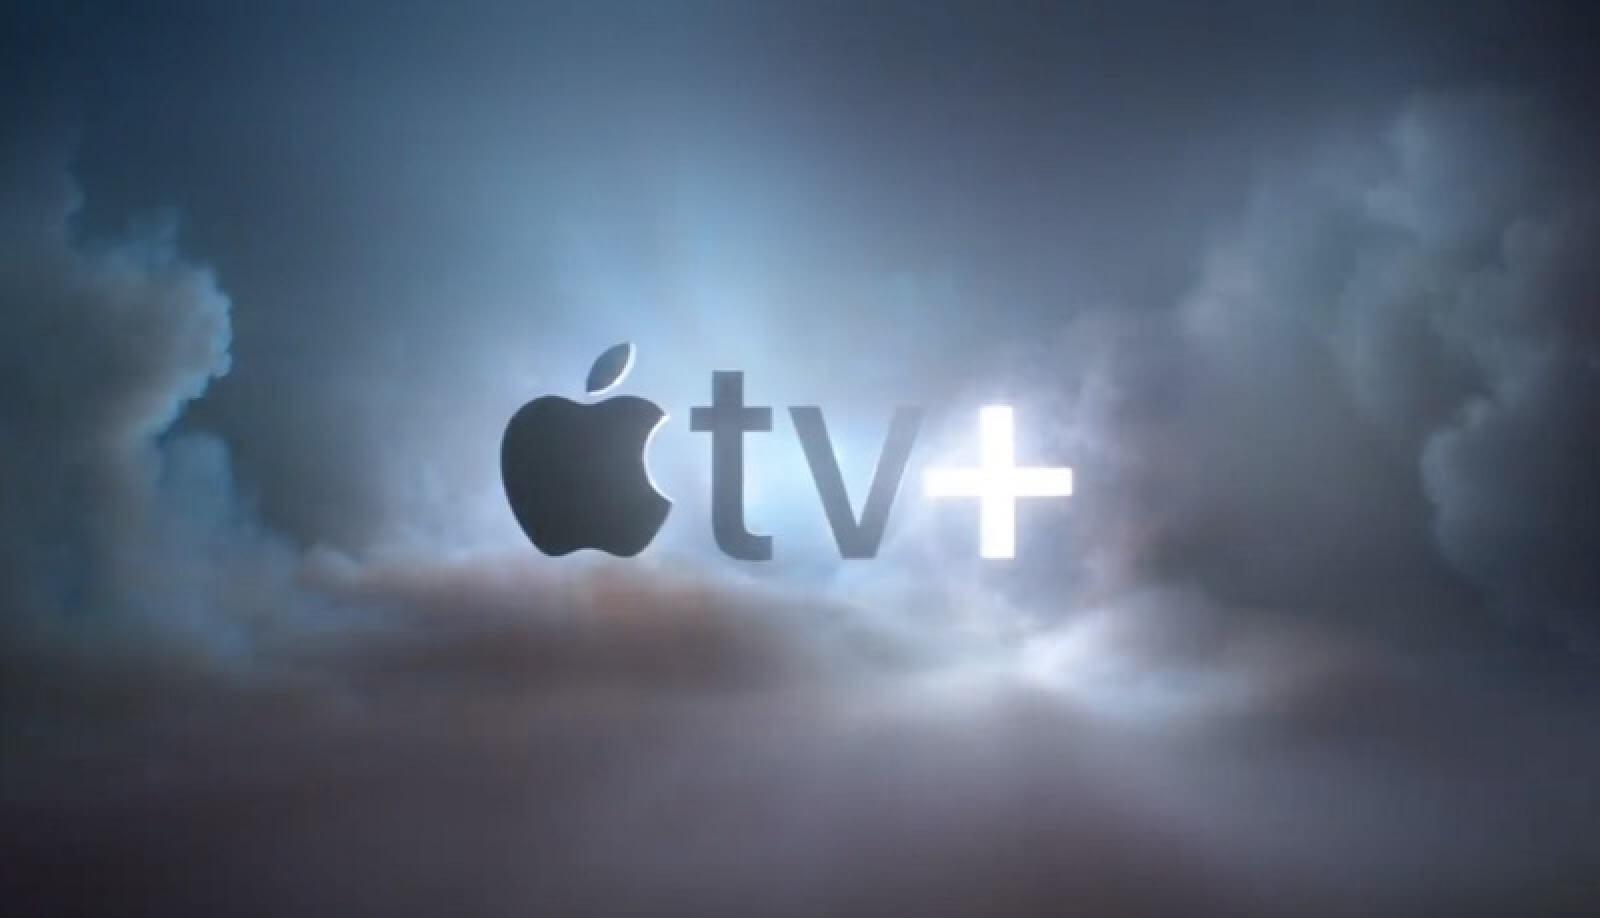 Станет ли Apple TV+ серьезным конкурентом существующим сервисам?